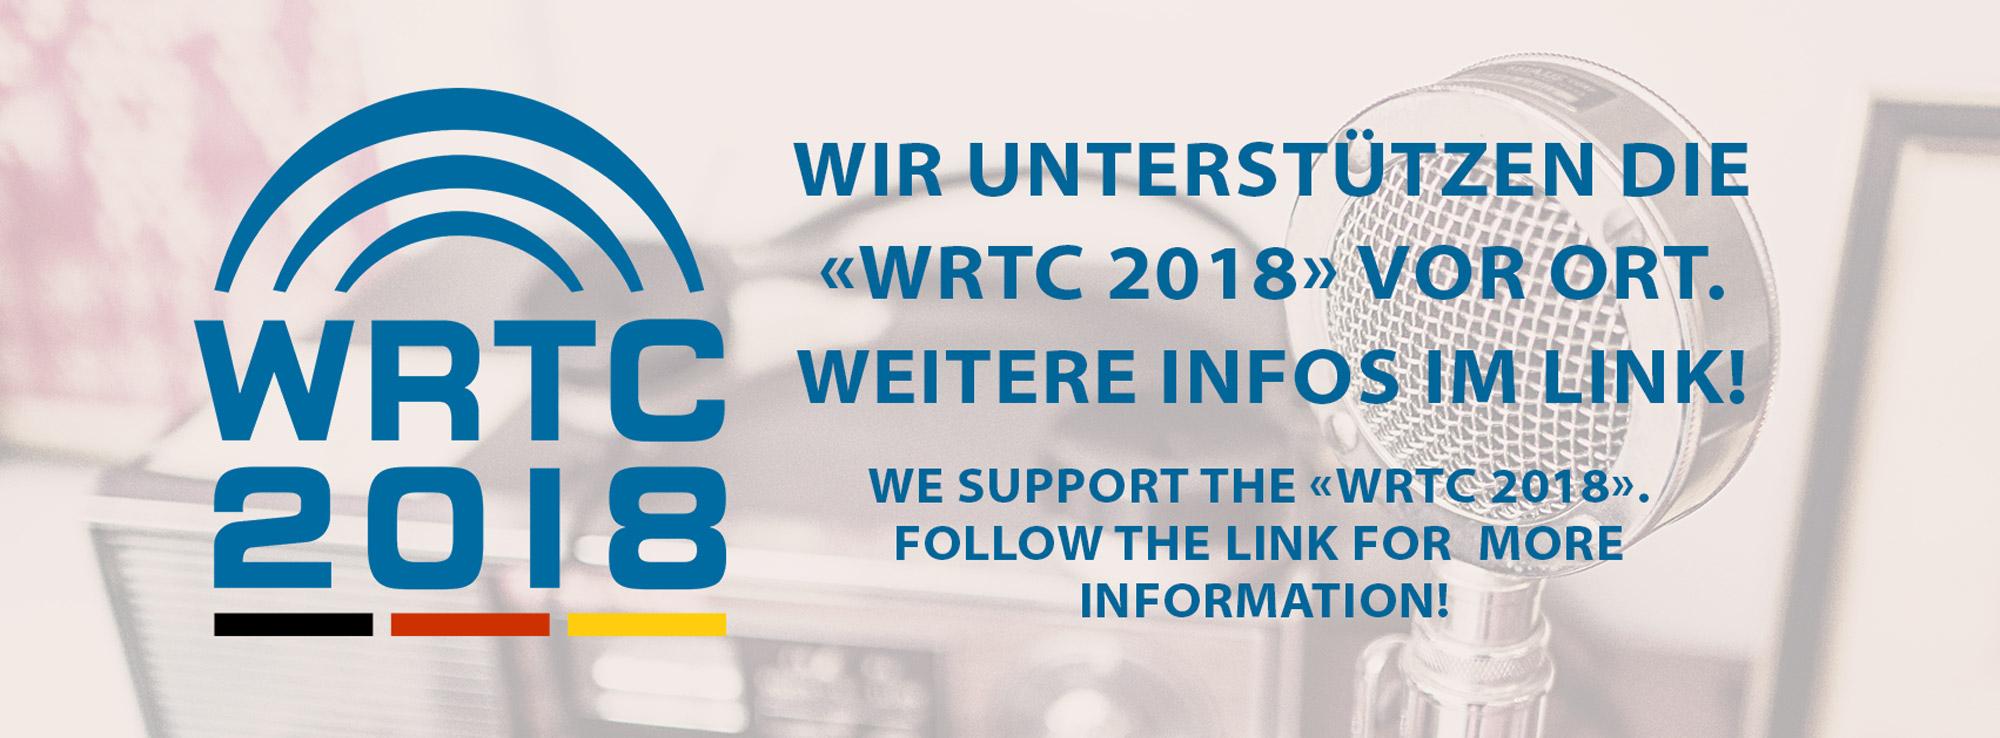 Wir unterstützen die WRTC vor Ort!